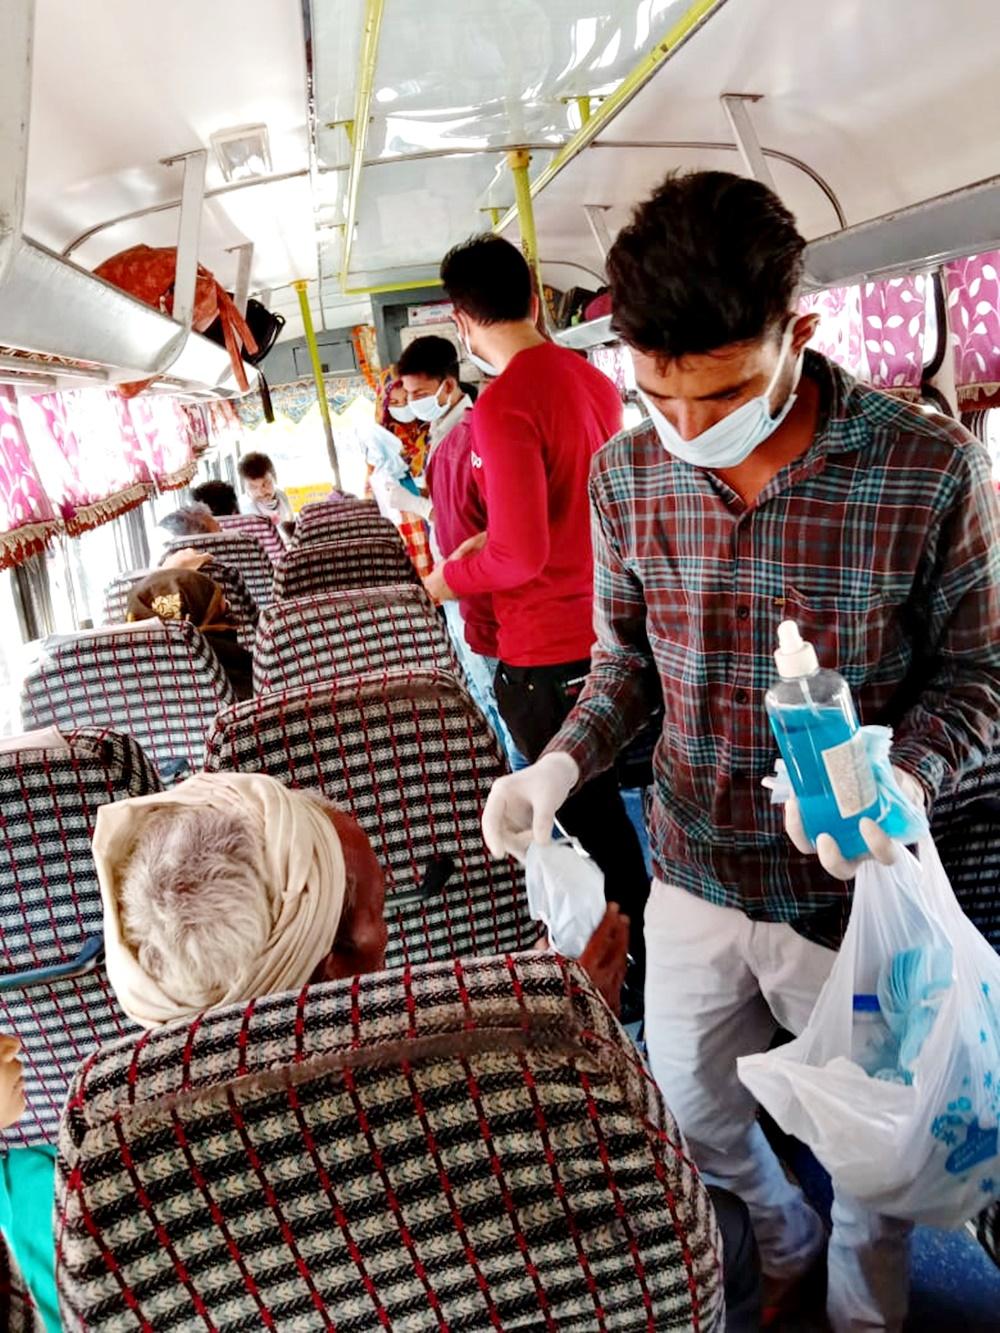 नेहरू युवा केन्द्र द्वारा कोविड-19 के बचाव के लिए रैली आयोजित